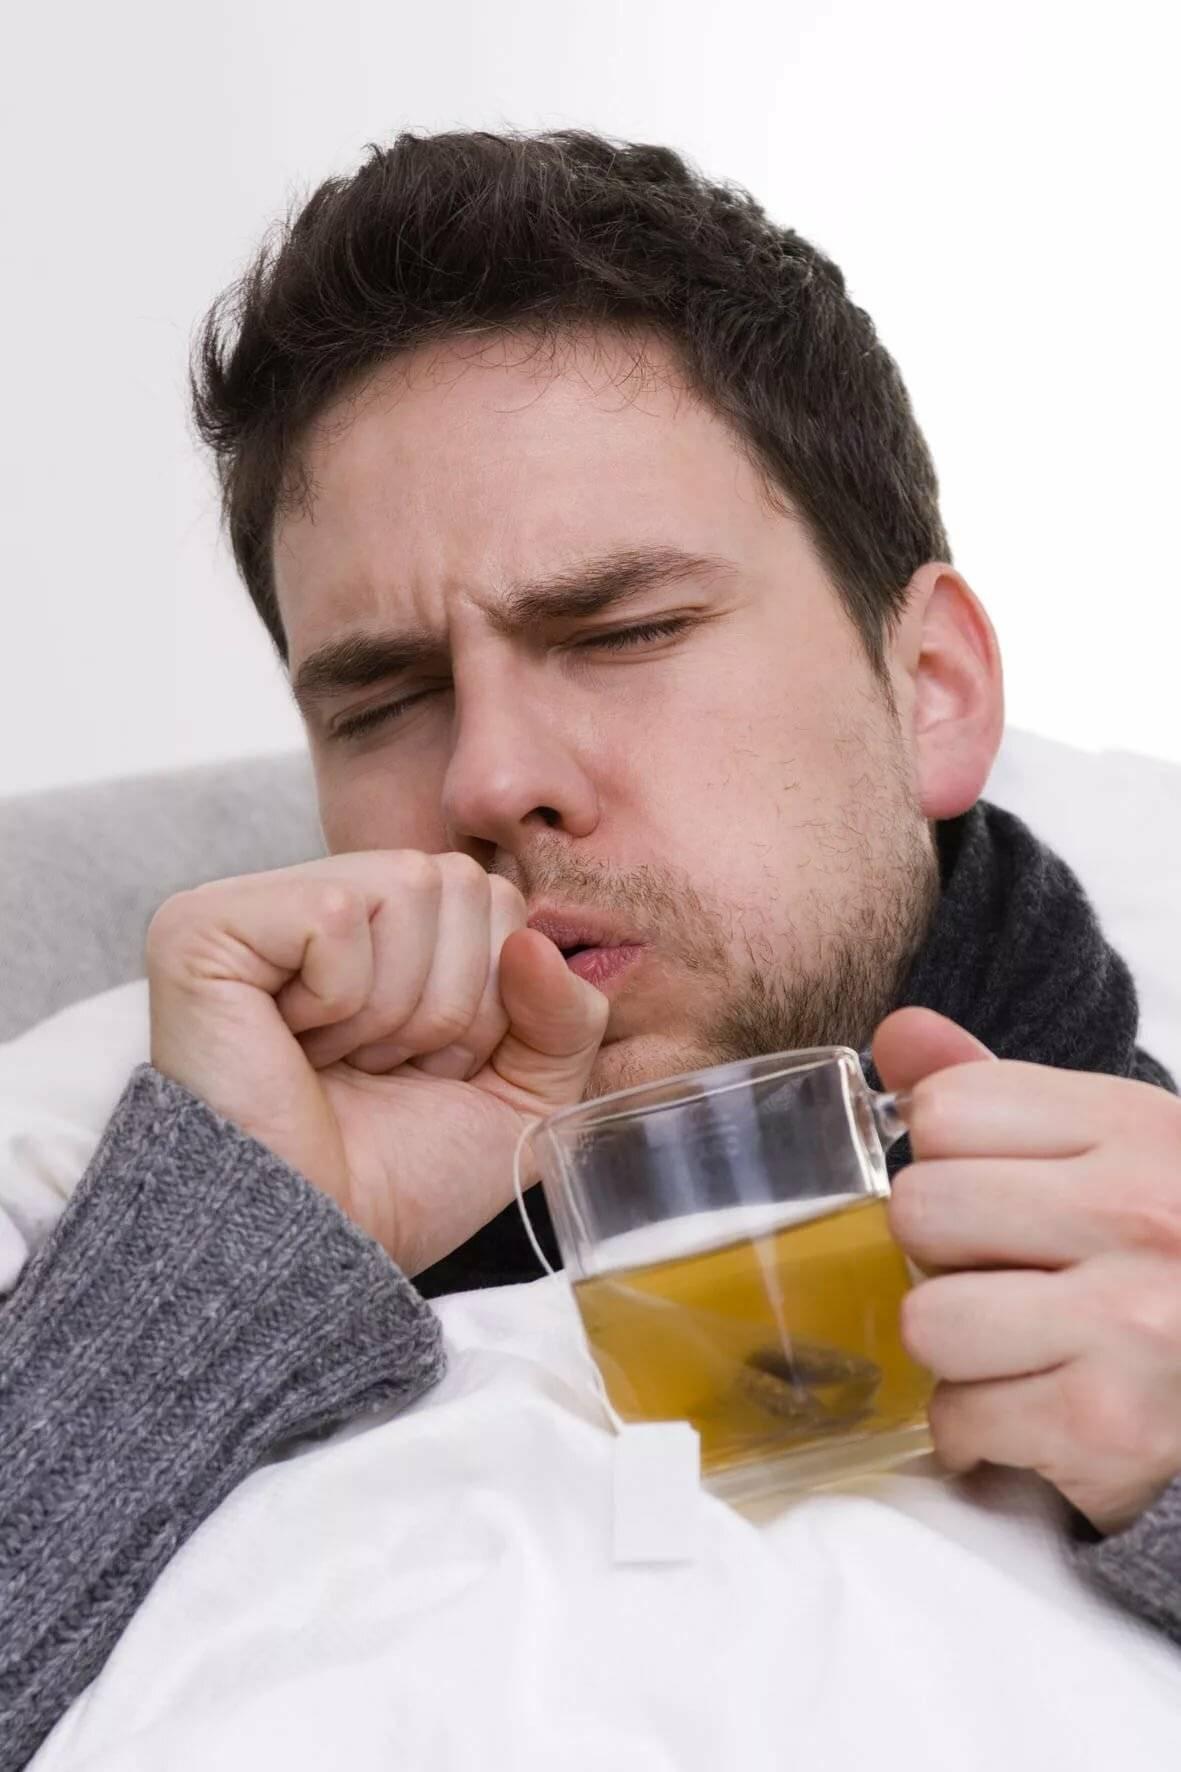 сухой мучительный кашель у взрослого